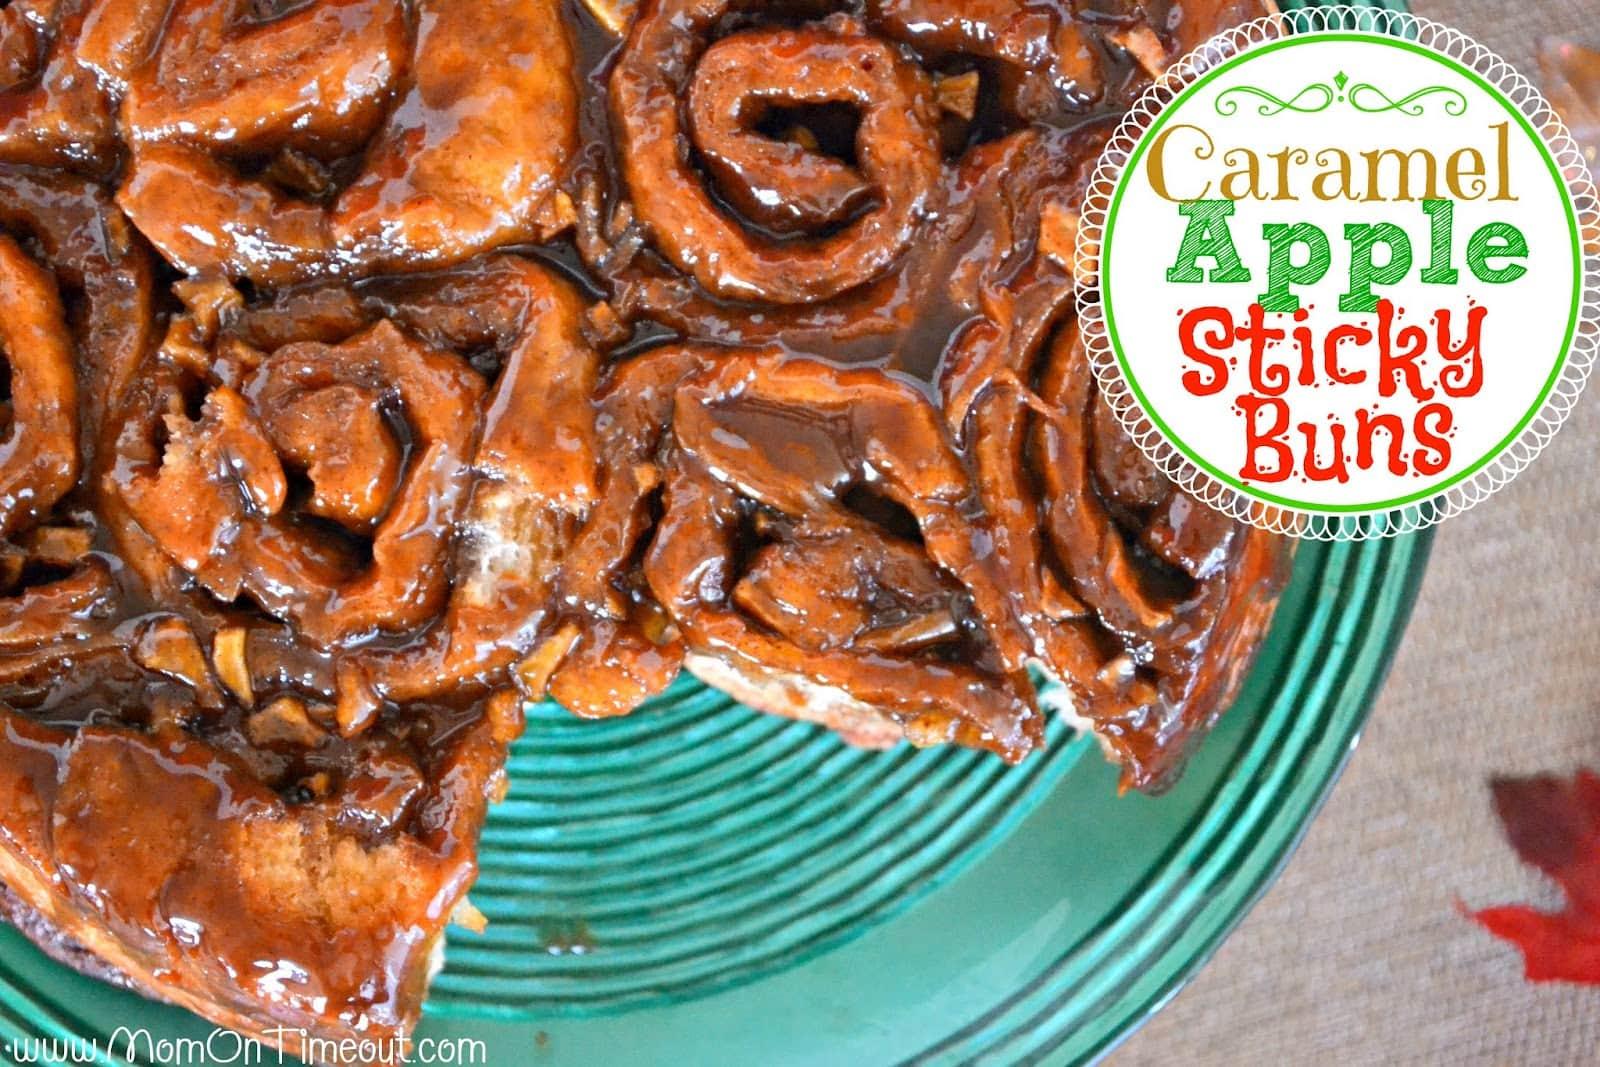 ... sticky buns golfeados venezuelan sticky buns caramel apple sticky buns